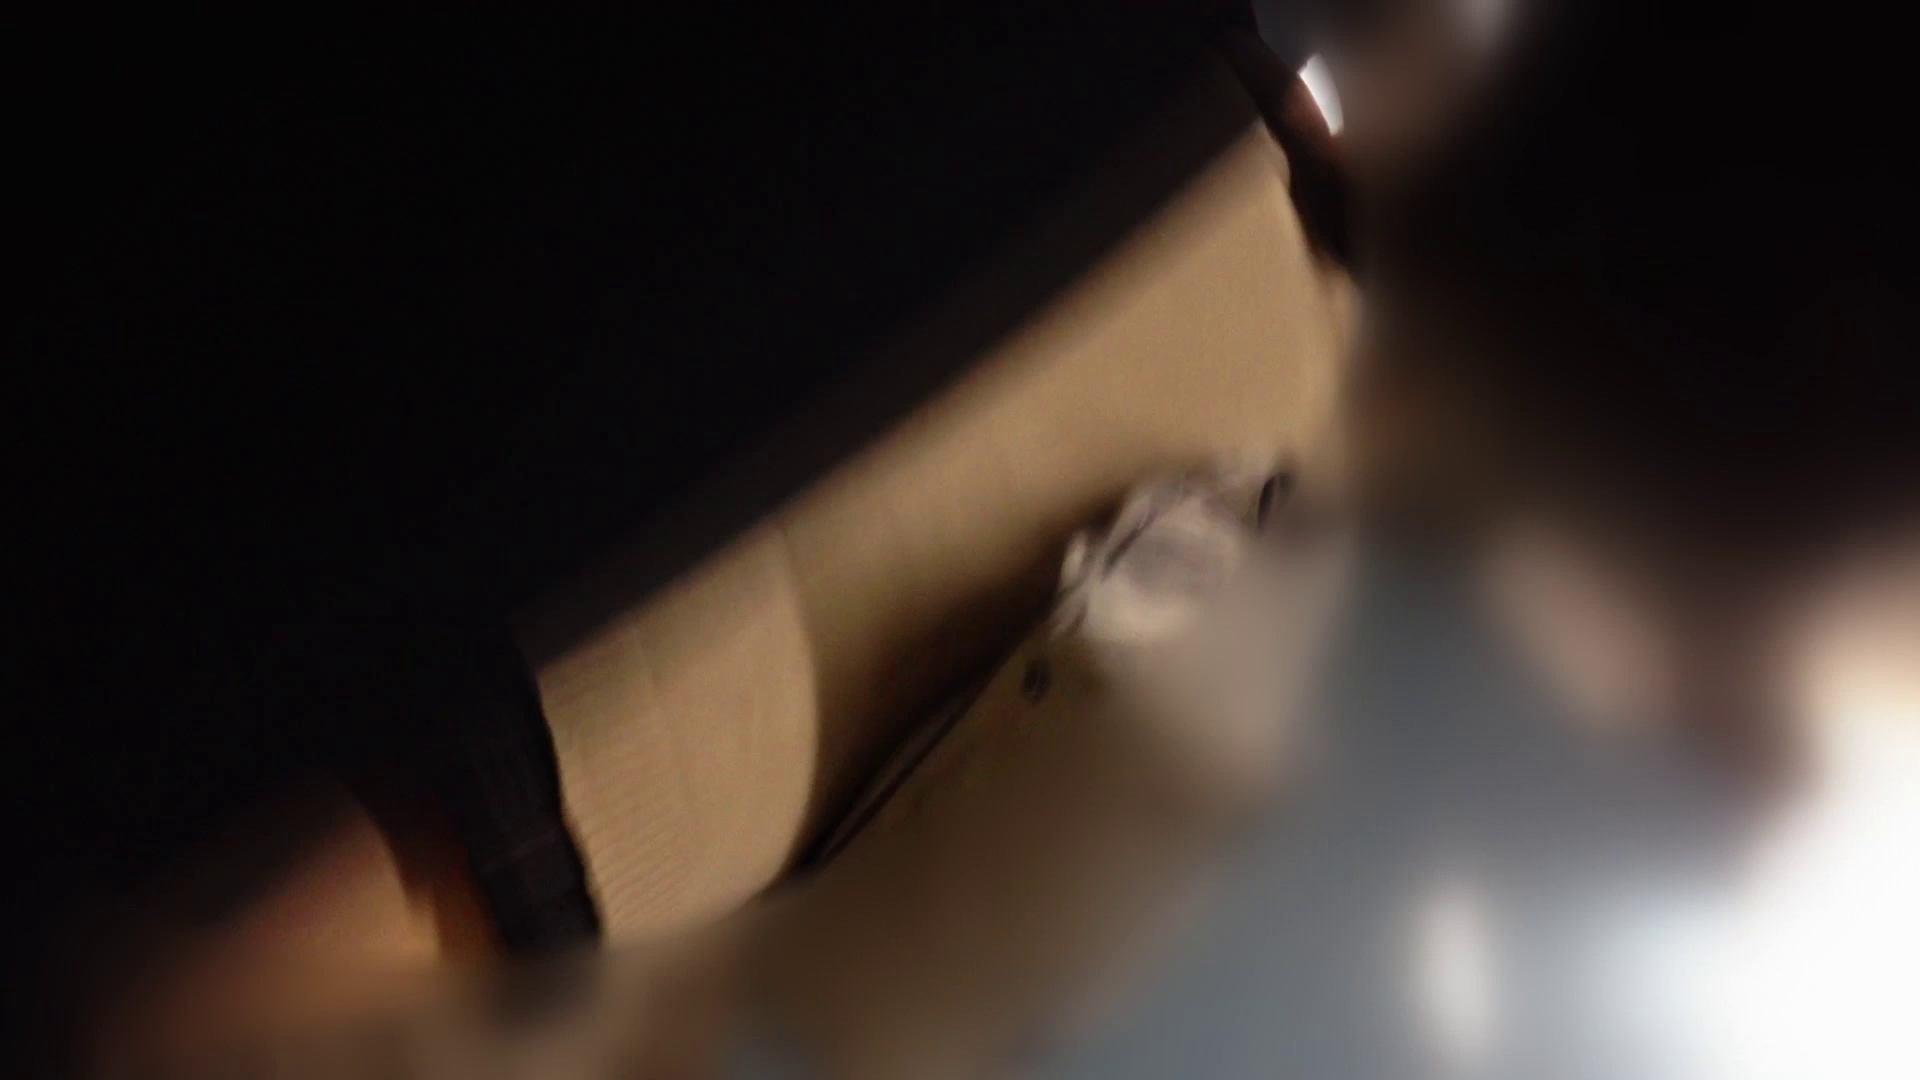 階段パンチラ Vol.02 ギャル | パンツ  102画像 57